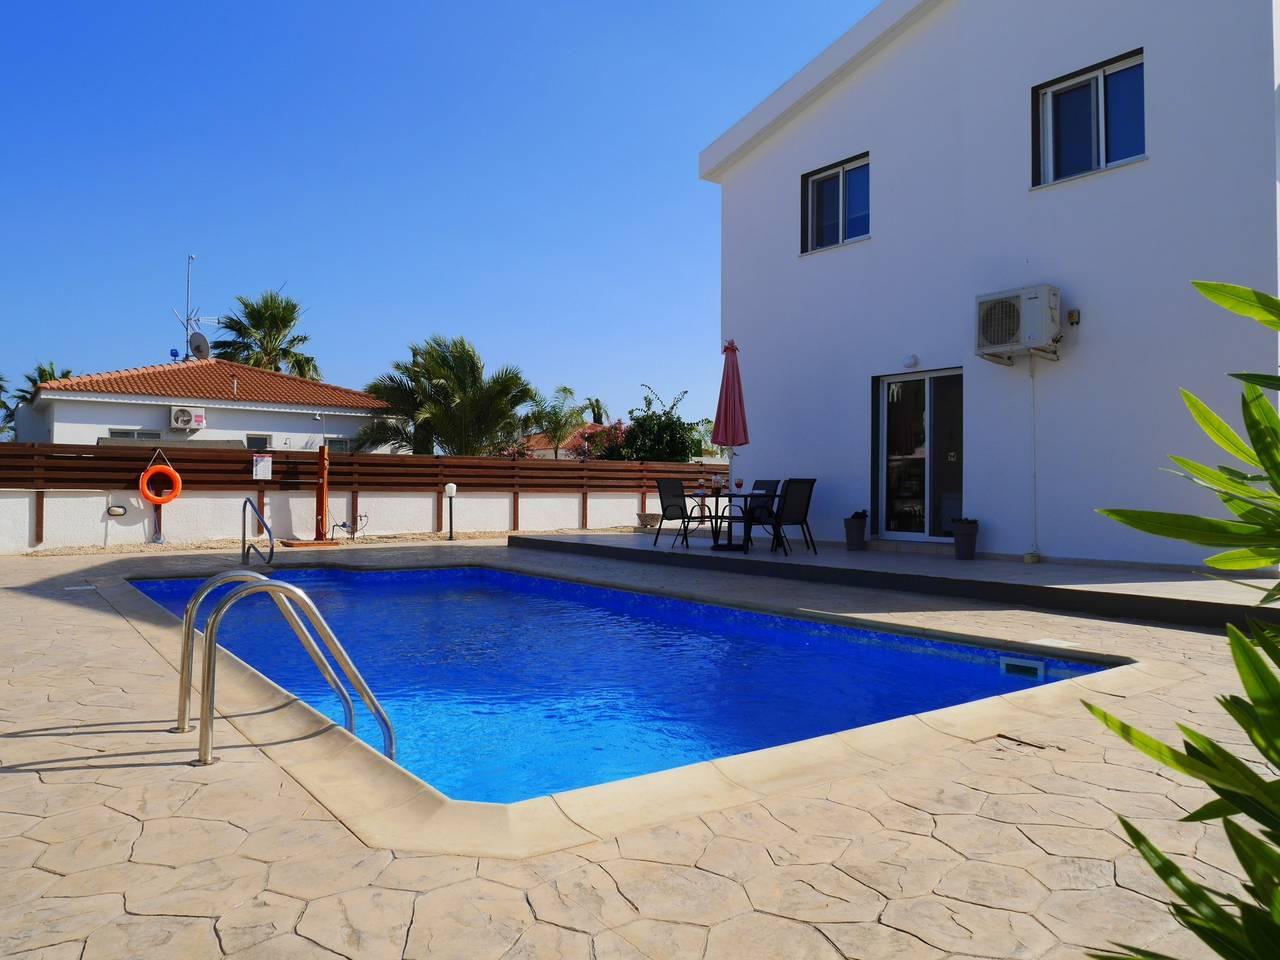 Apartment Villa Mon - 2 Bedroom Villa with Private Pool photo 18419818